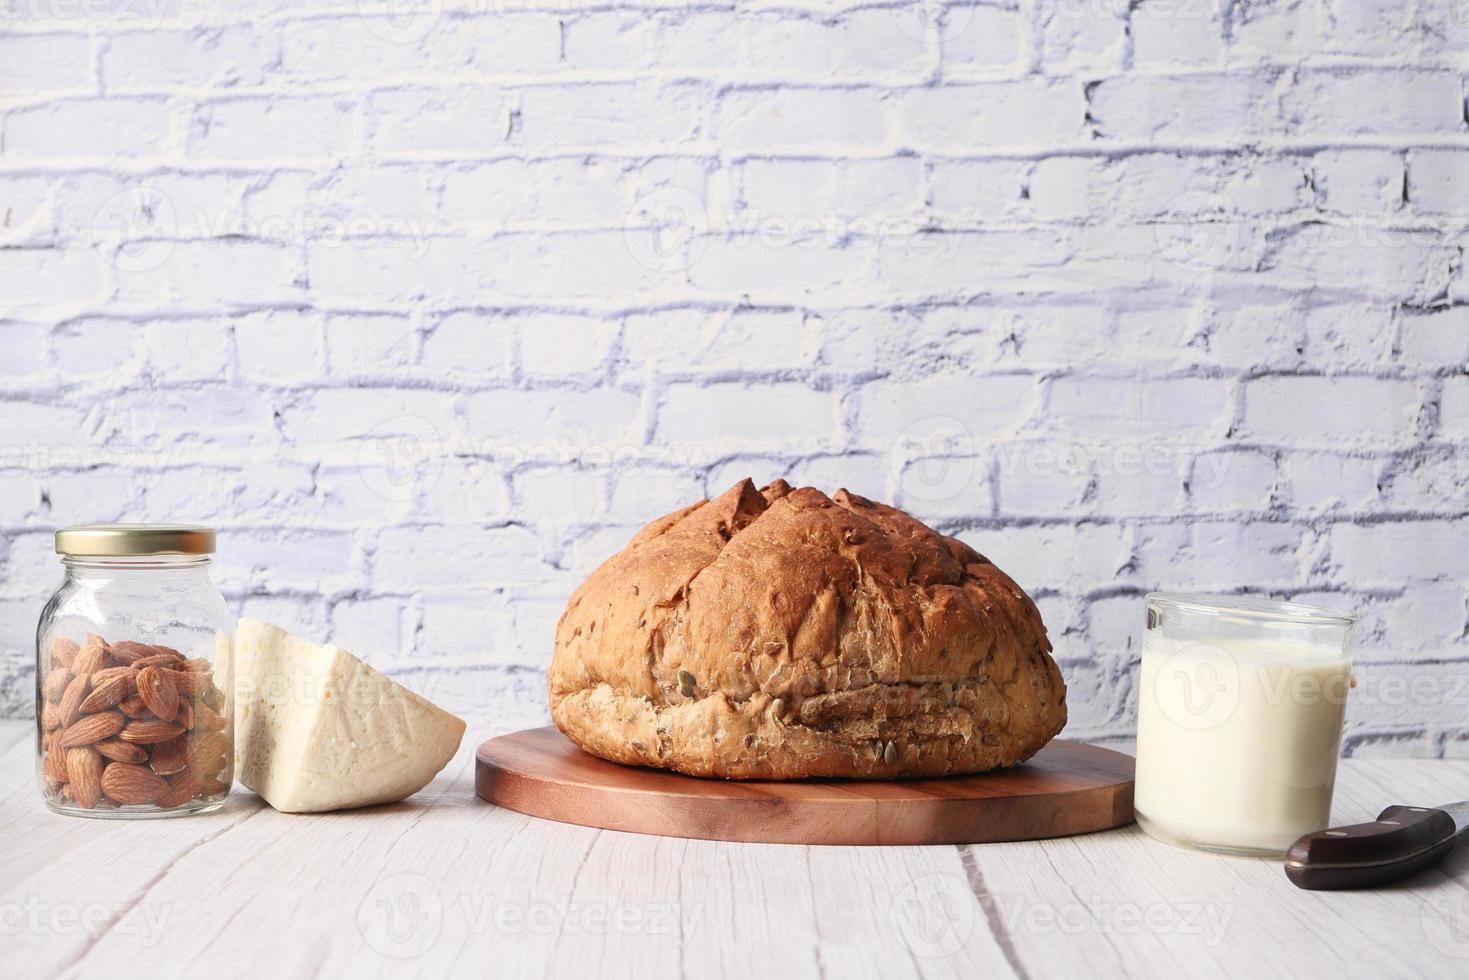 brunt bröd, ost och mjölk på neutral bakgrund foto